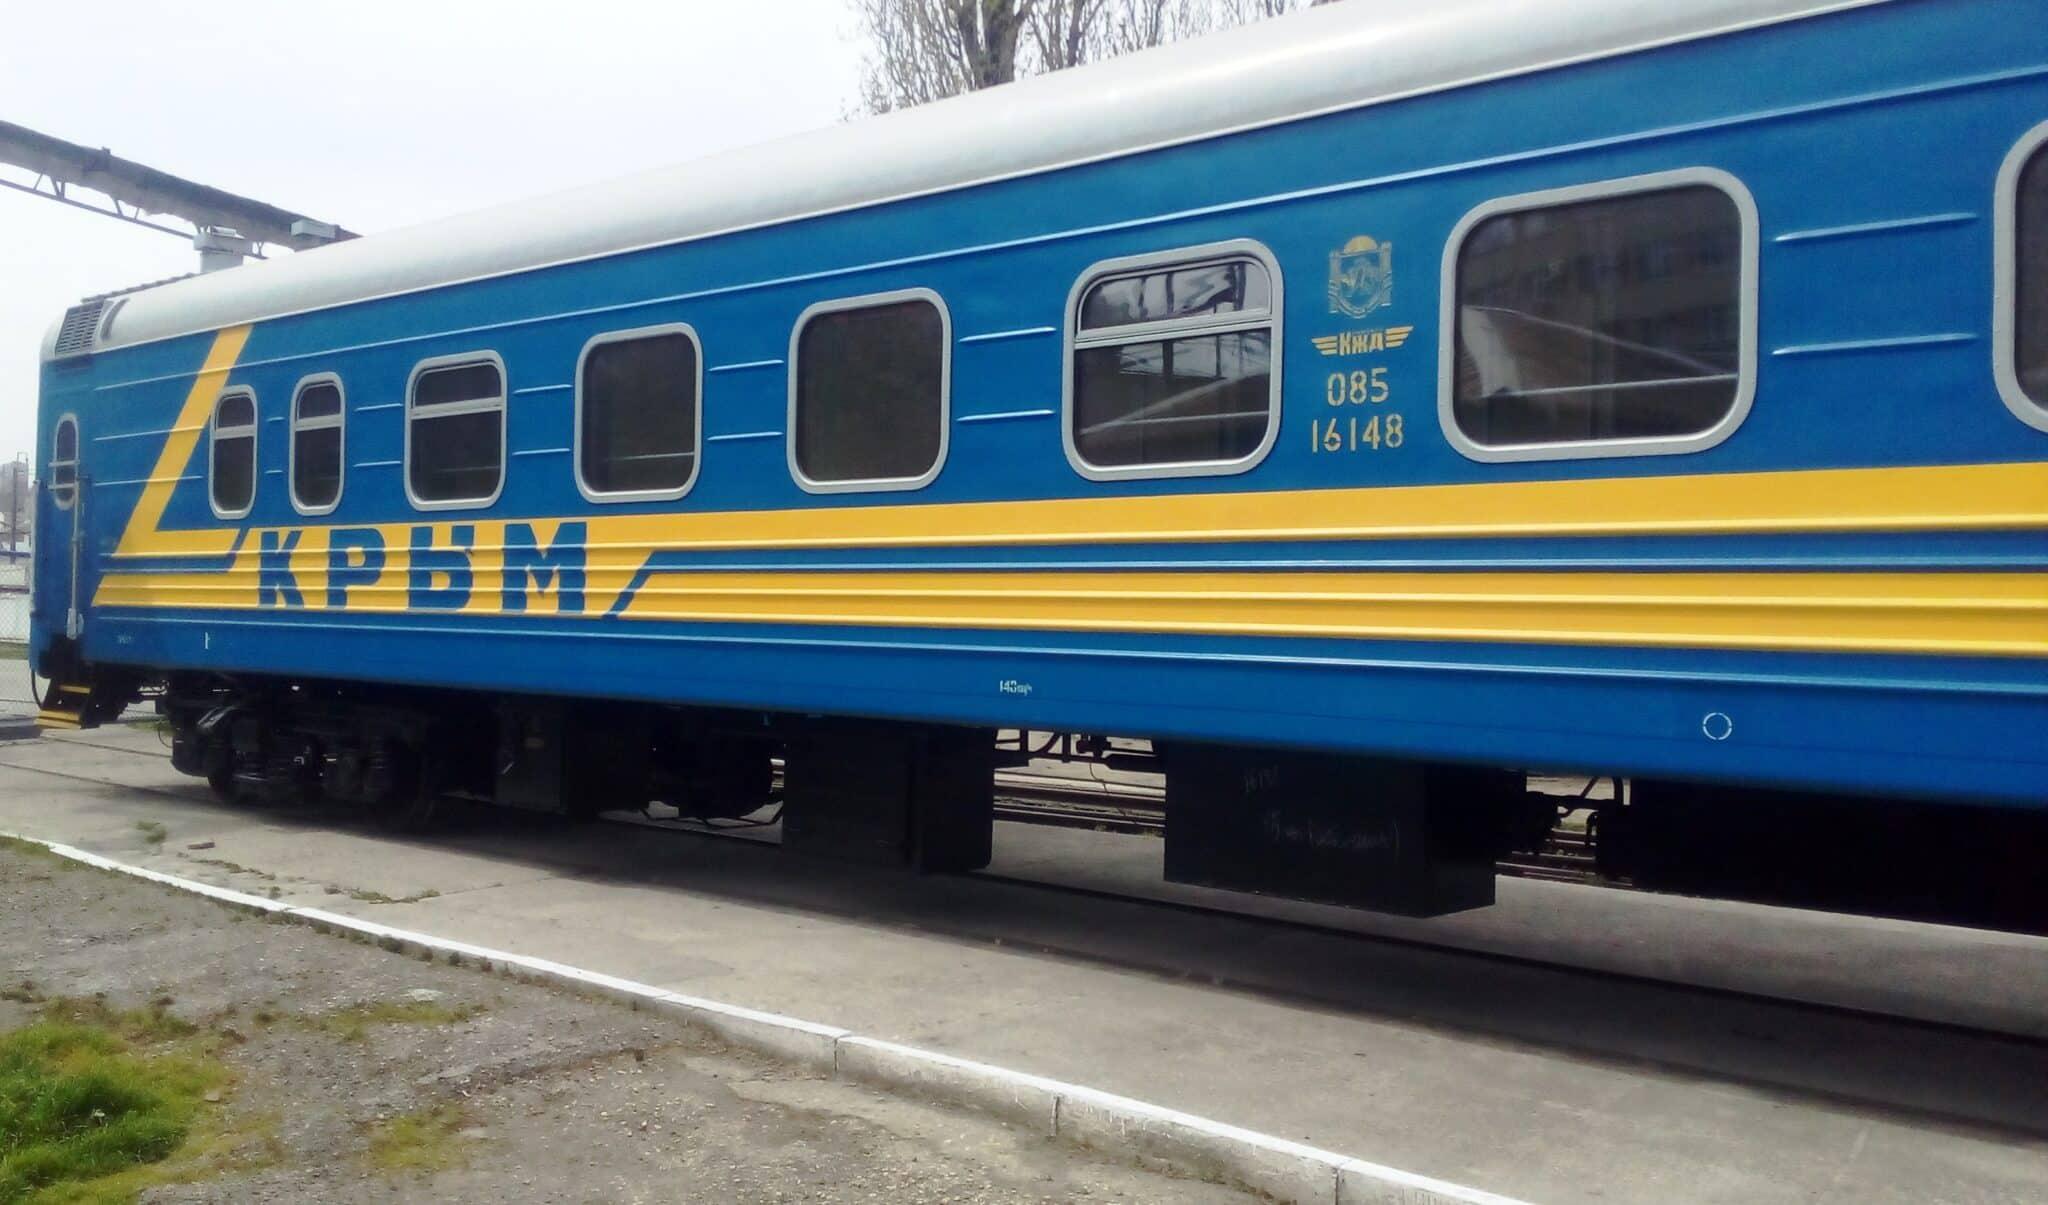 Цена билета из Москвы и Санкт-Петербурга в Крым на поезде